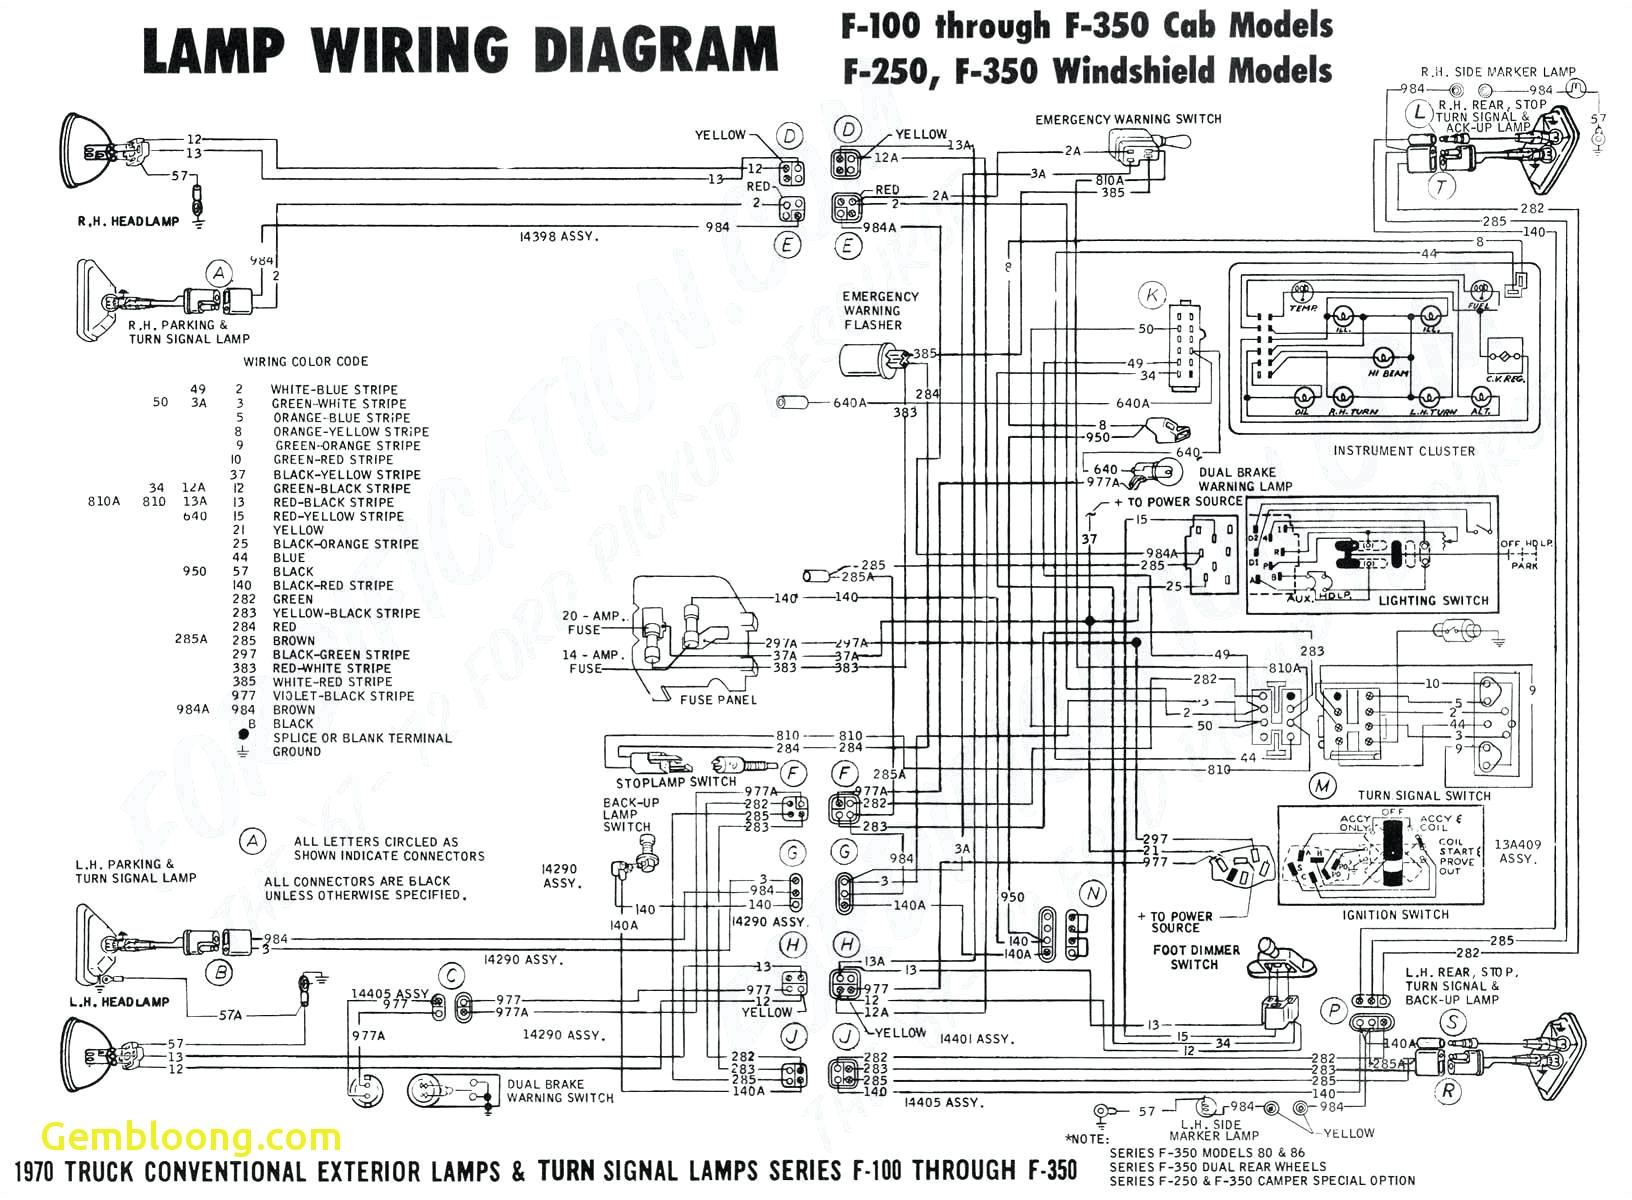 oilfield wiring diagrams schema wiring diagram oilfield wiring diagrams